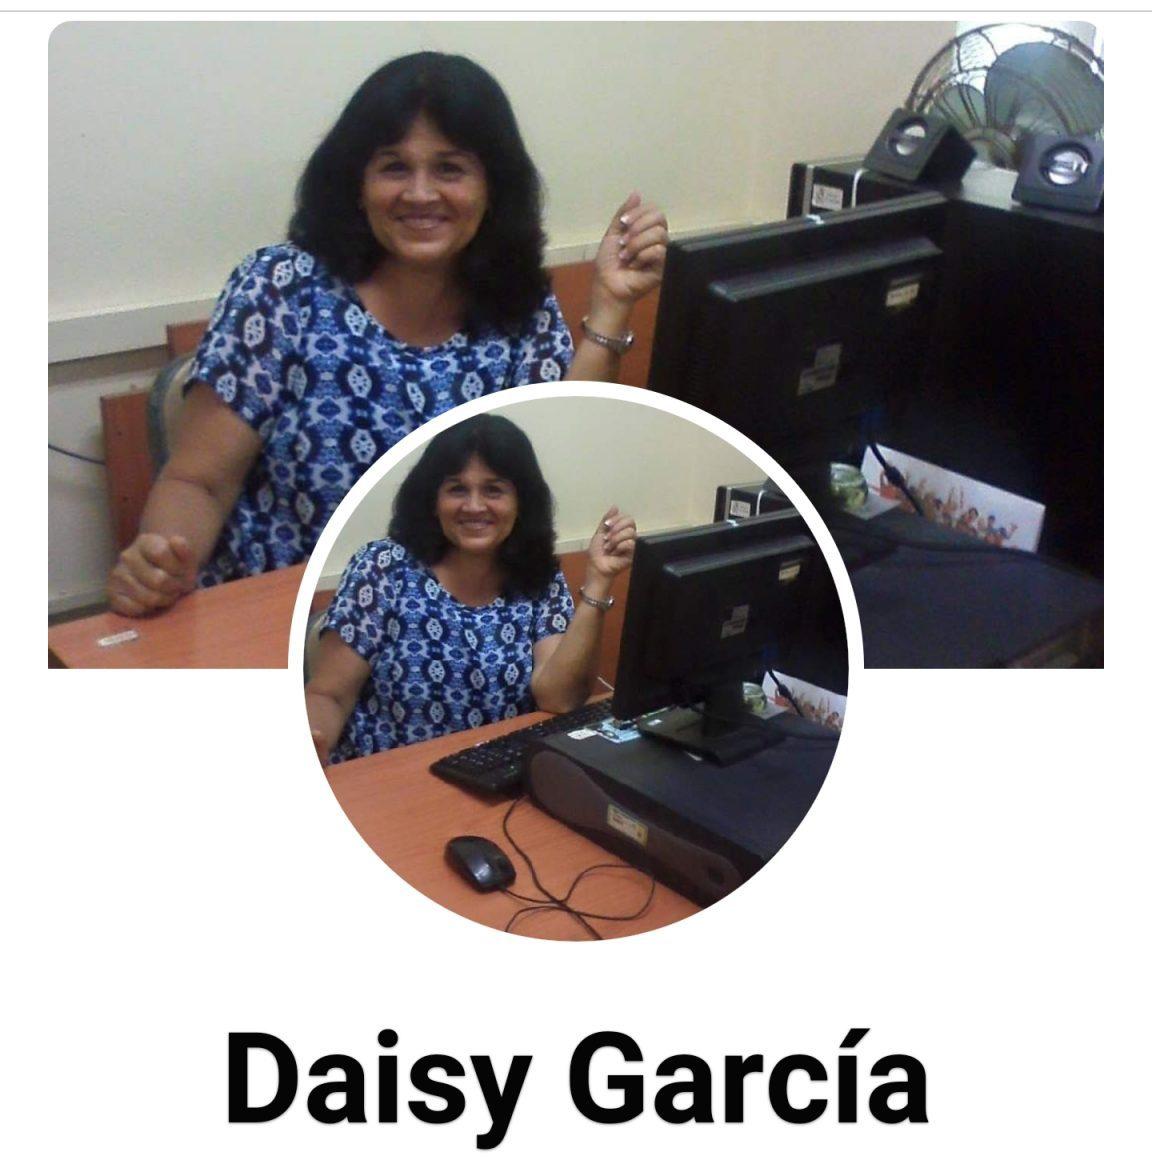 Daisy Garcia